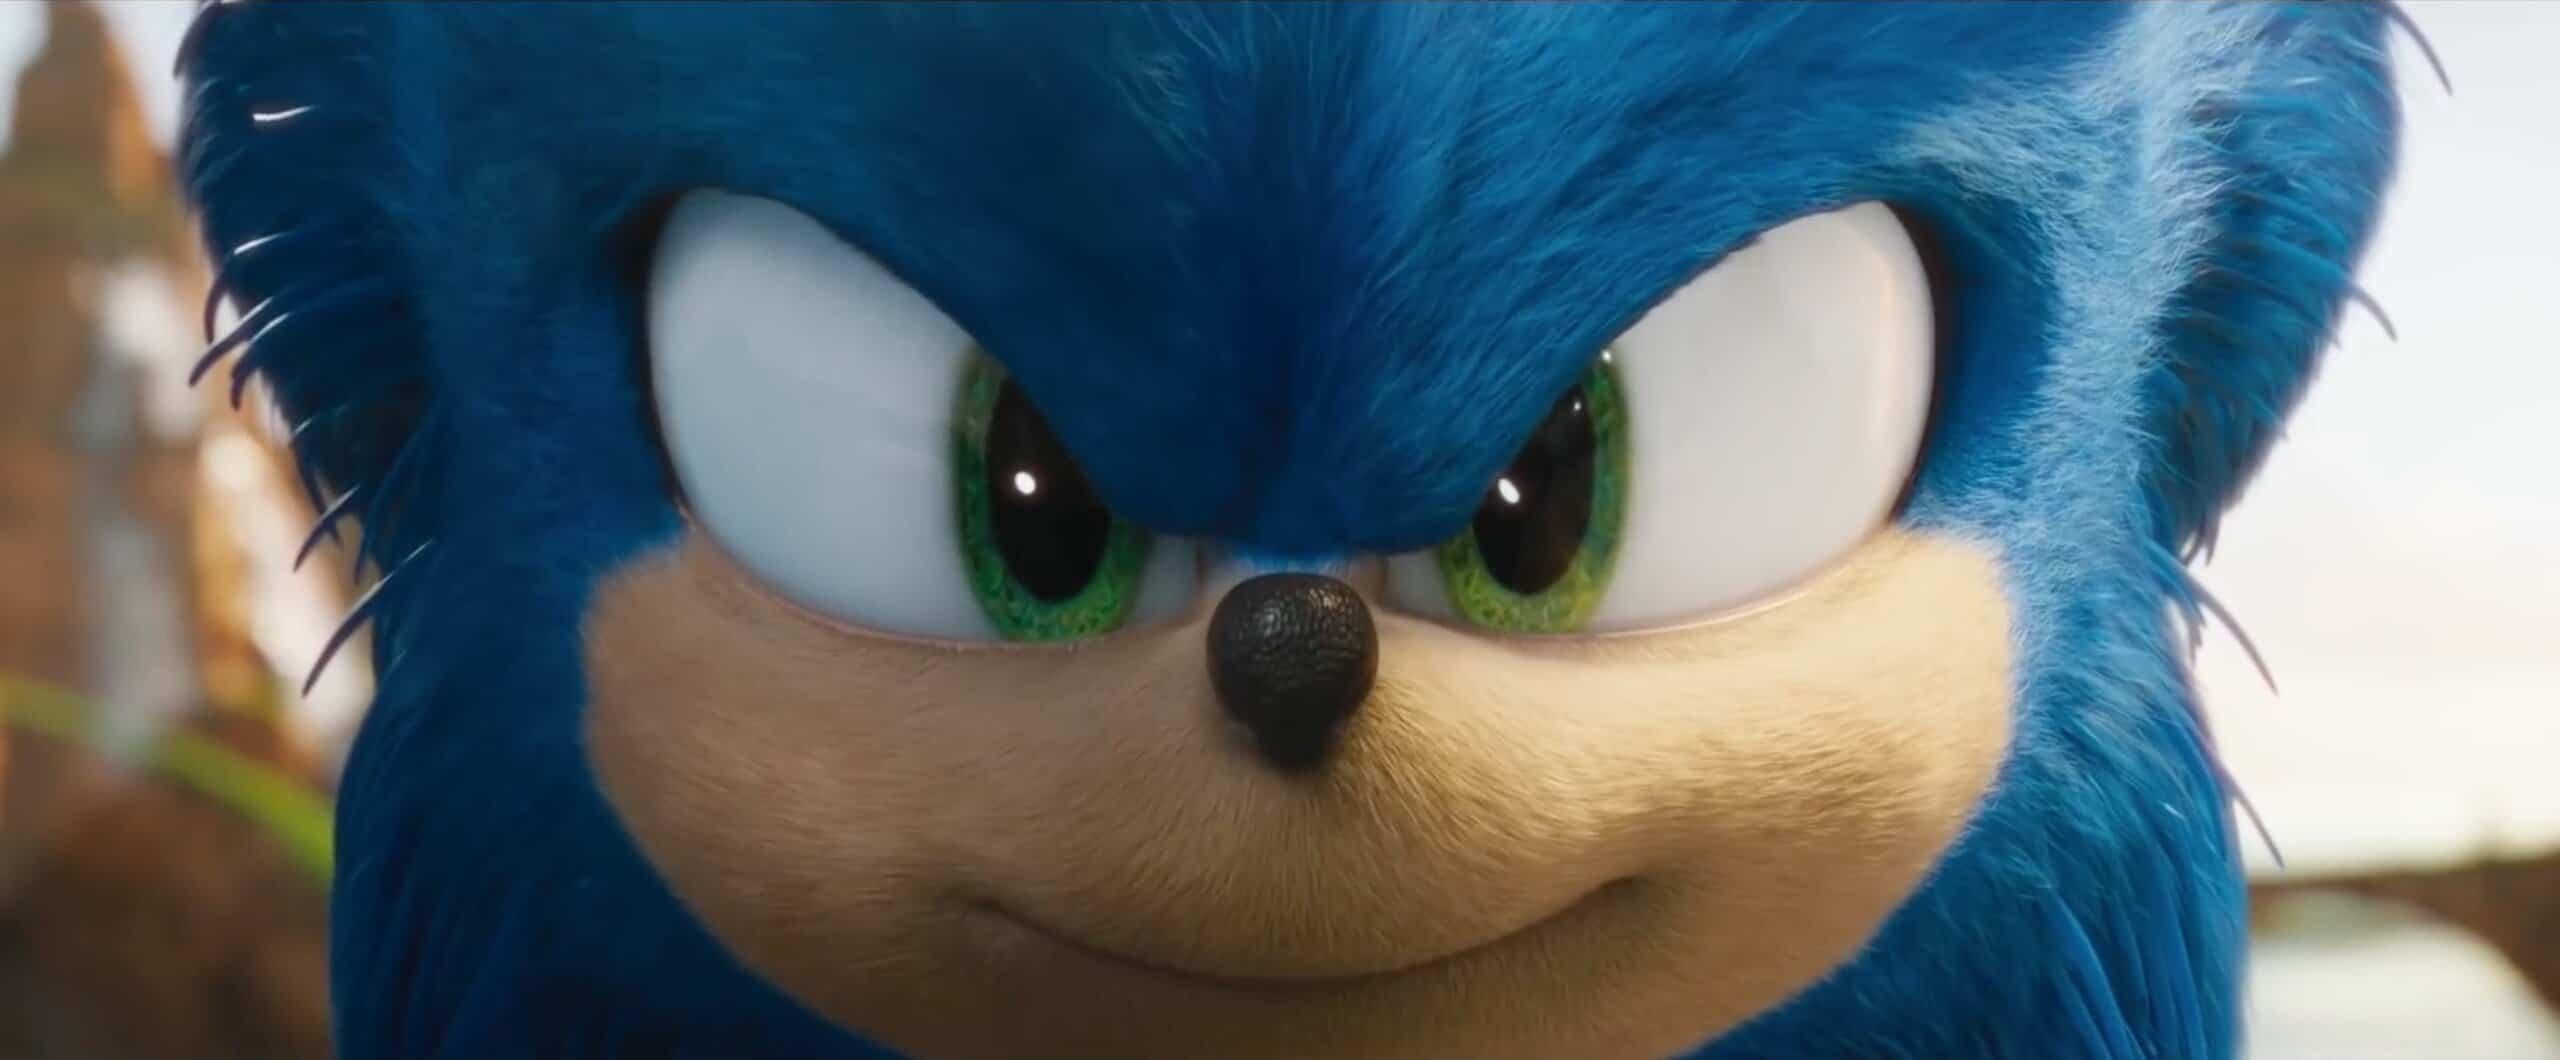 Sonic the Hedgehog : Yuji Naka apprécie la nouvelle apparence du hérisson bleu, sauf les yeux